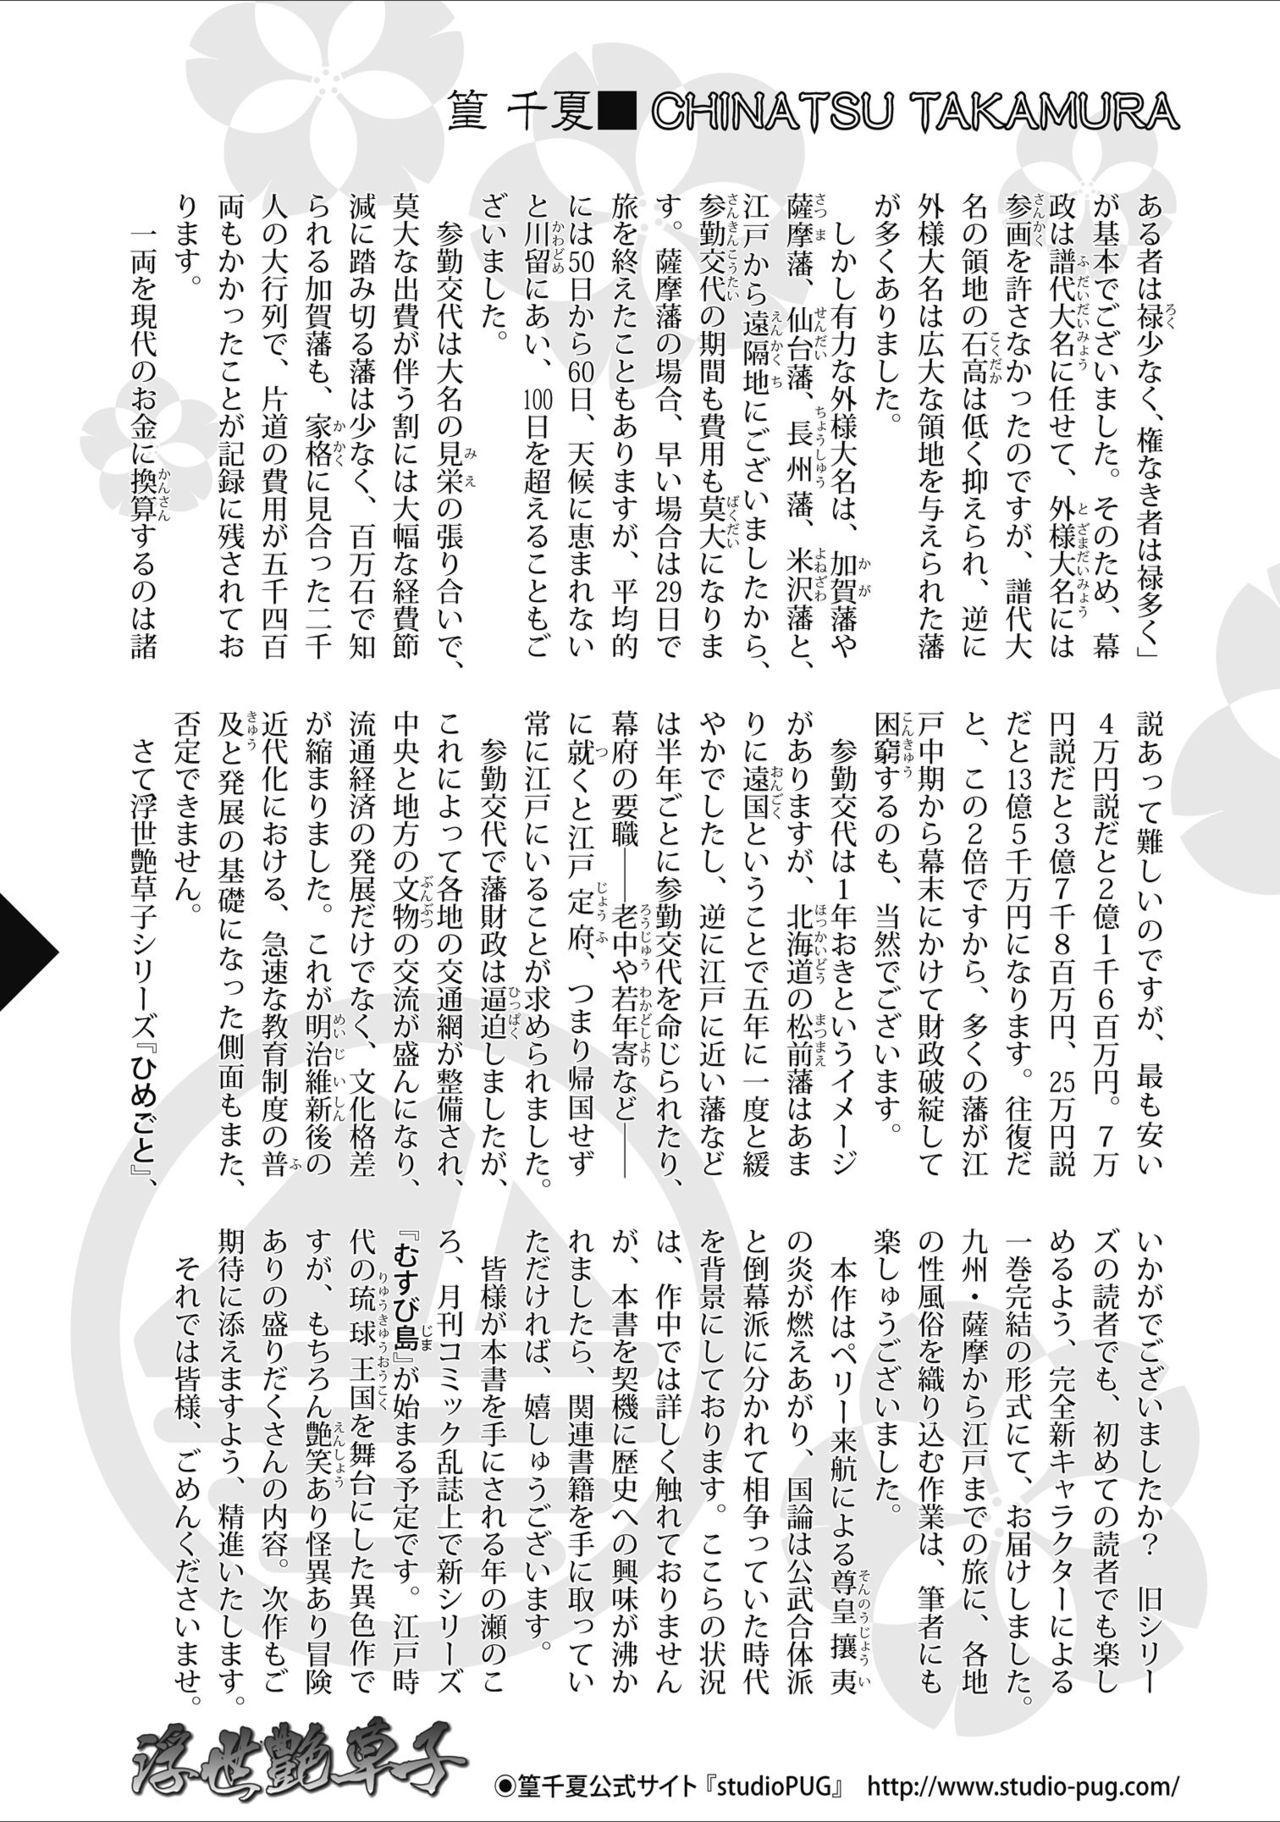 ひめごと 浮世艶草子 222